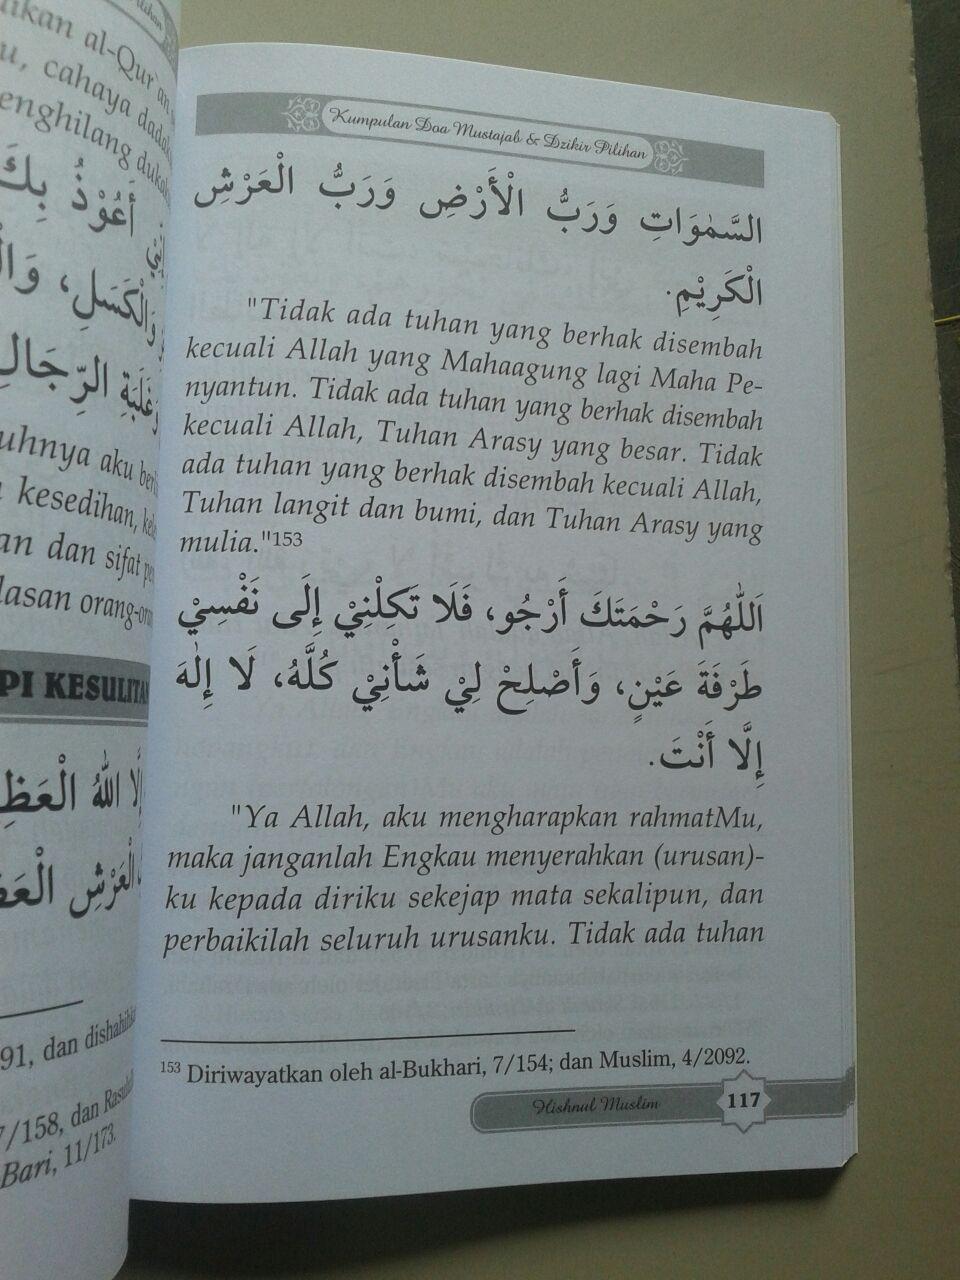 Buku Hisnul Muslim Kumpulan Doa & Dzikir Pilihan isi 4